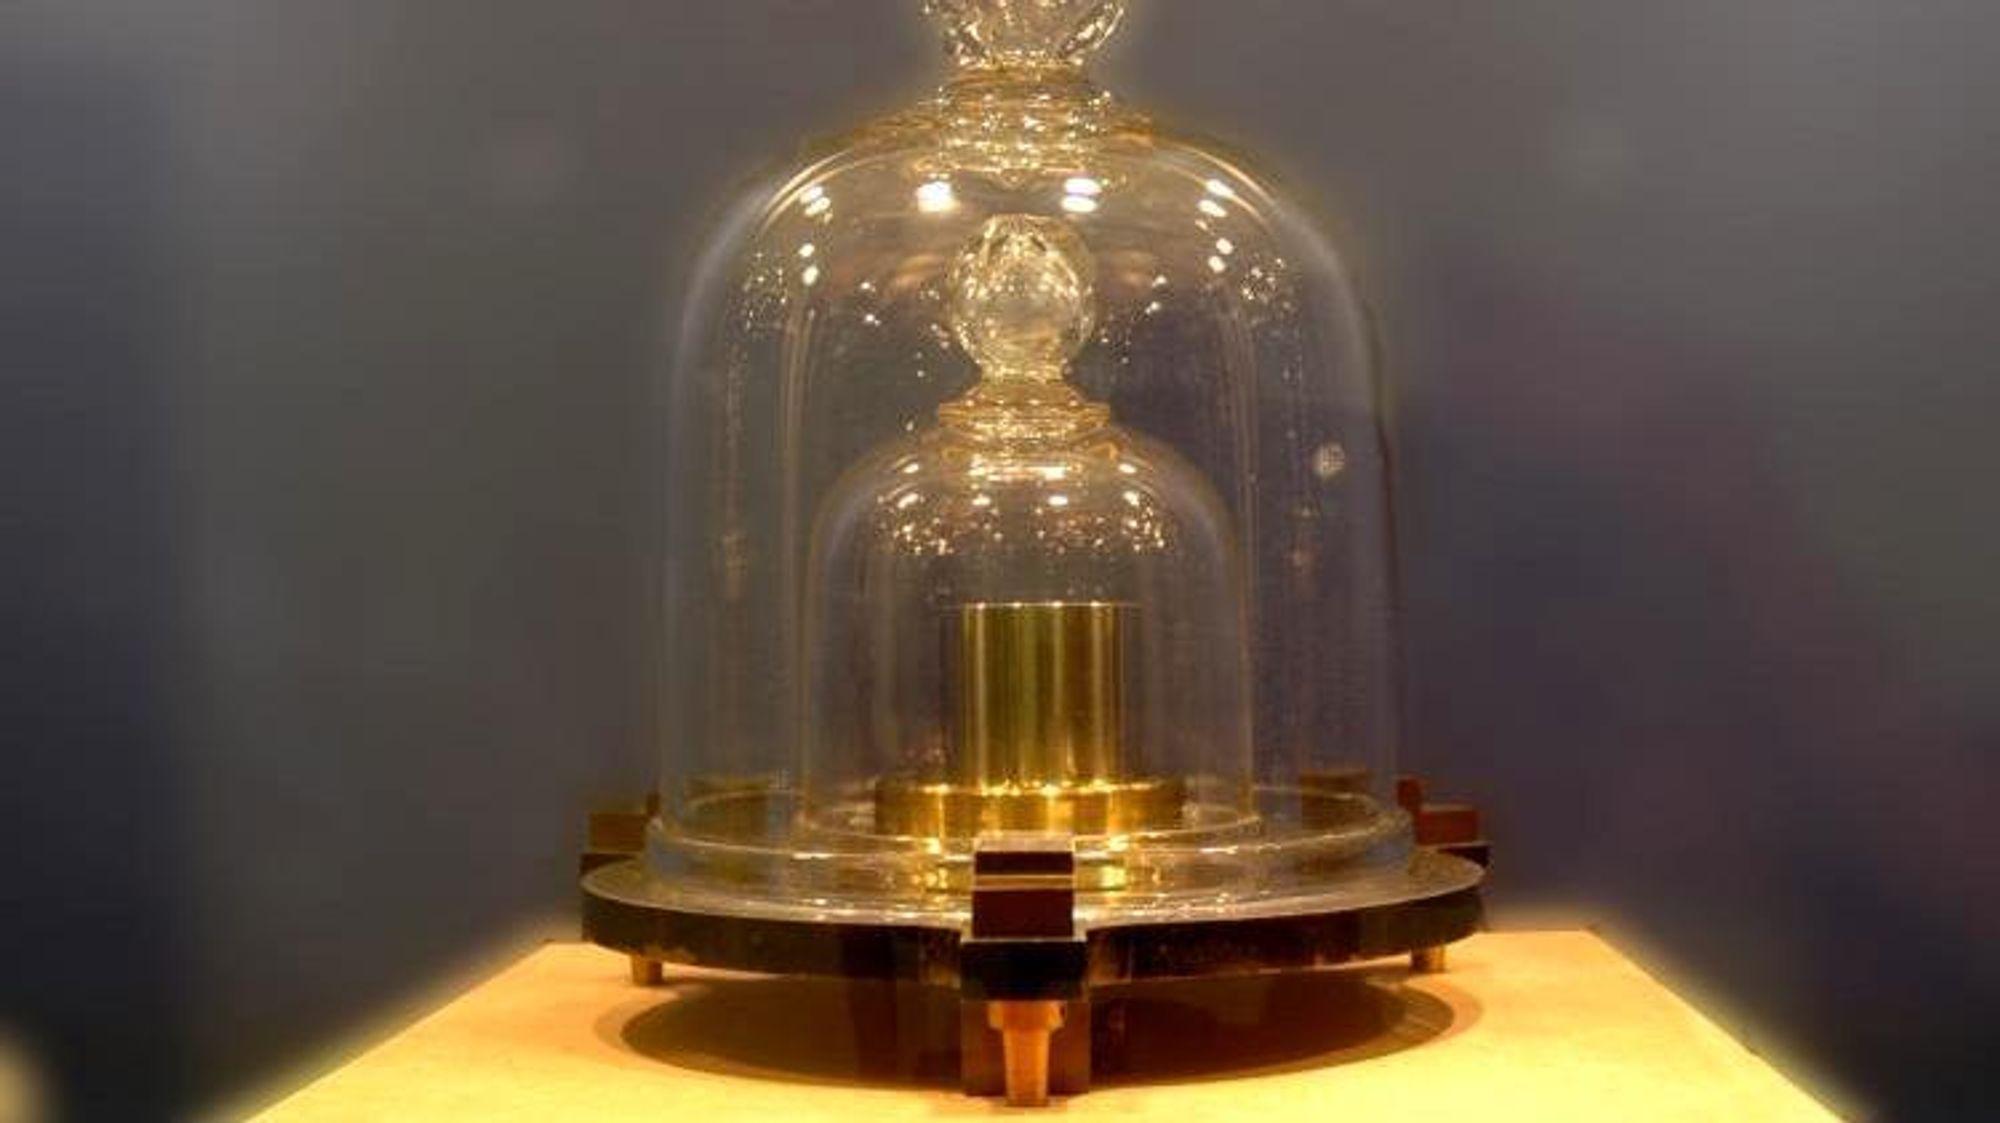 Dette er den norske prototypen av kilogrammet. Godt bevart i en safe hos Justervesenet.